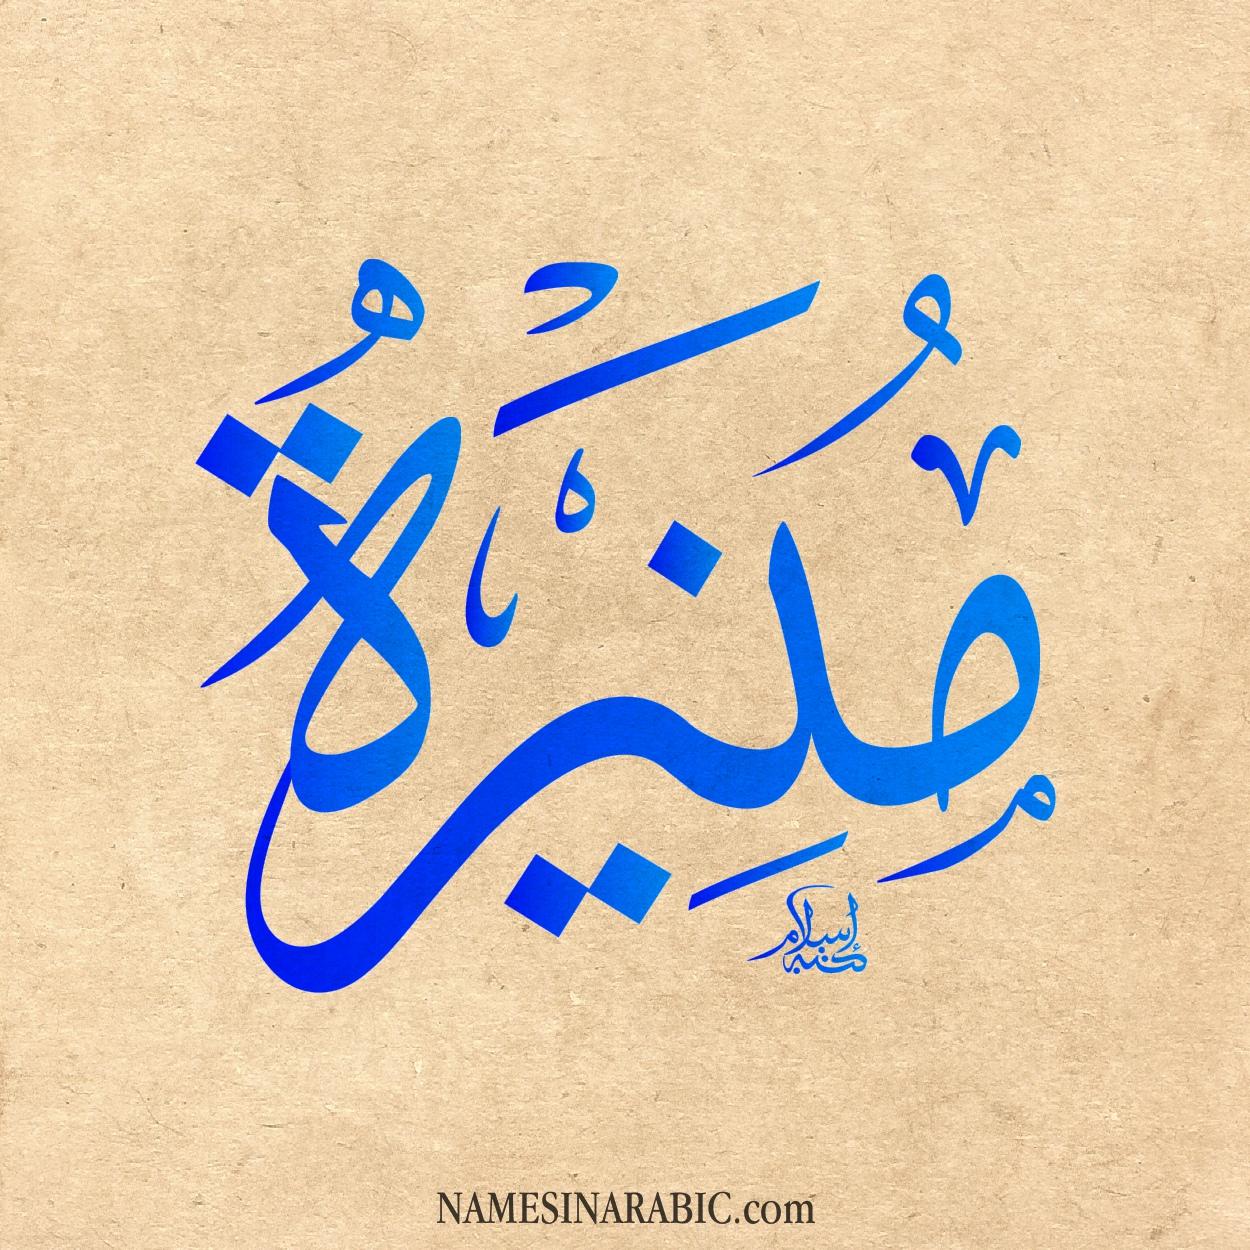 صفات حامل إسم منيرة و معنى اسم منيرة قاموس الأسماء و المعاني